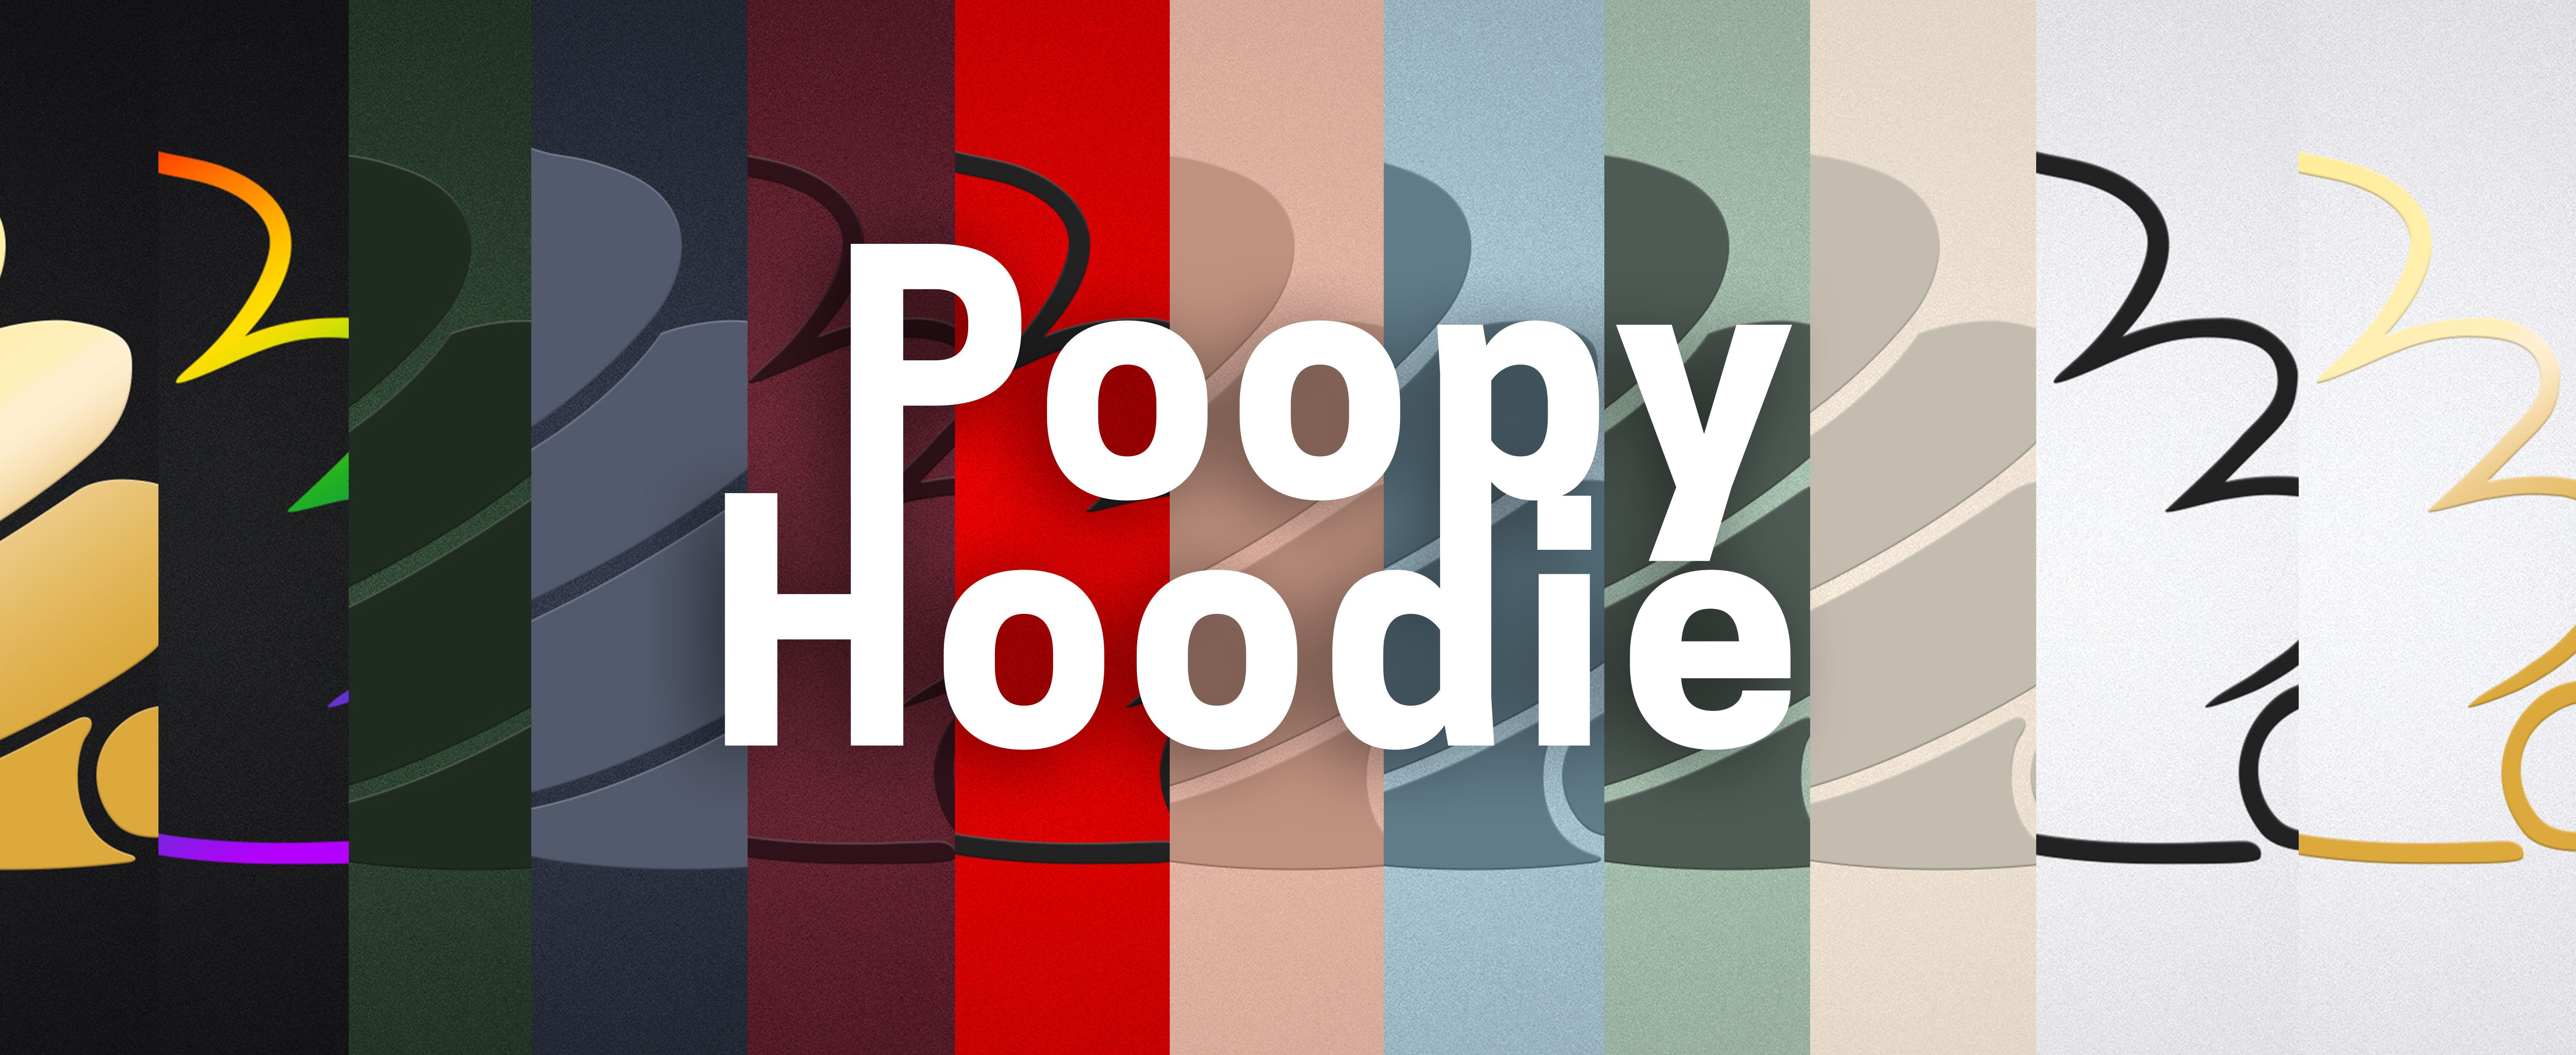 Banner_poopy hoodies